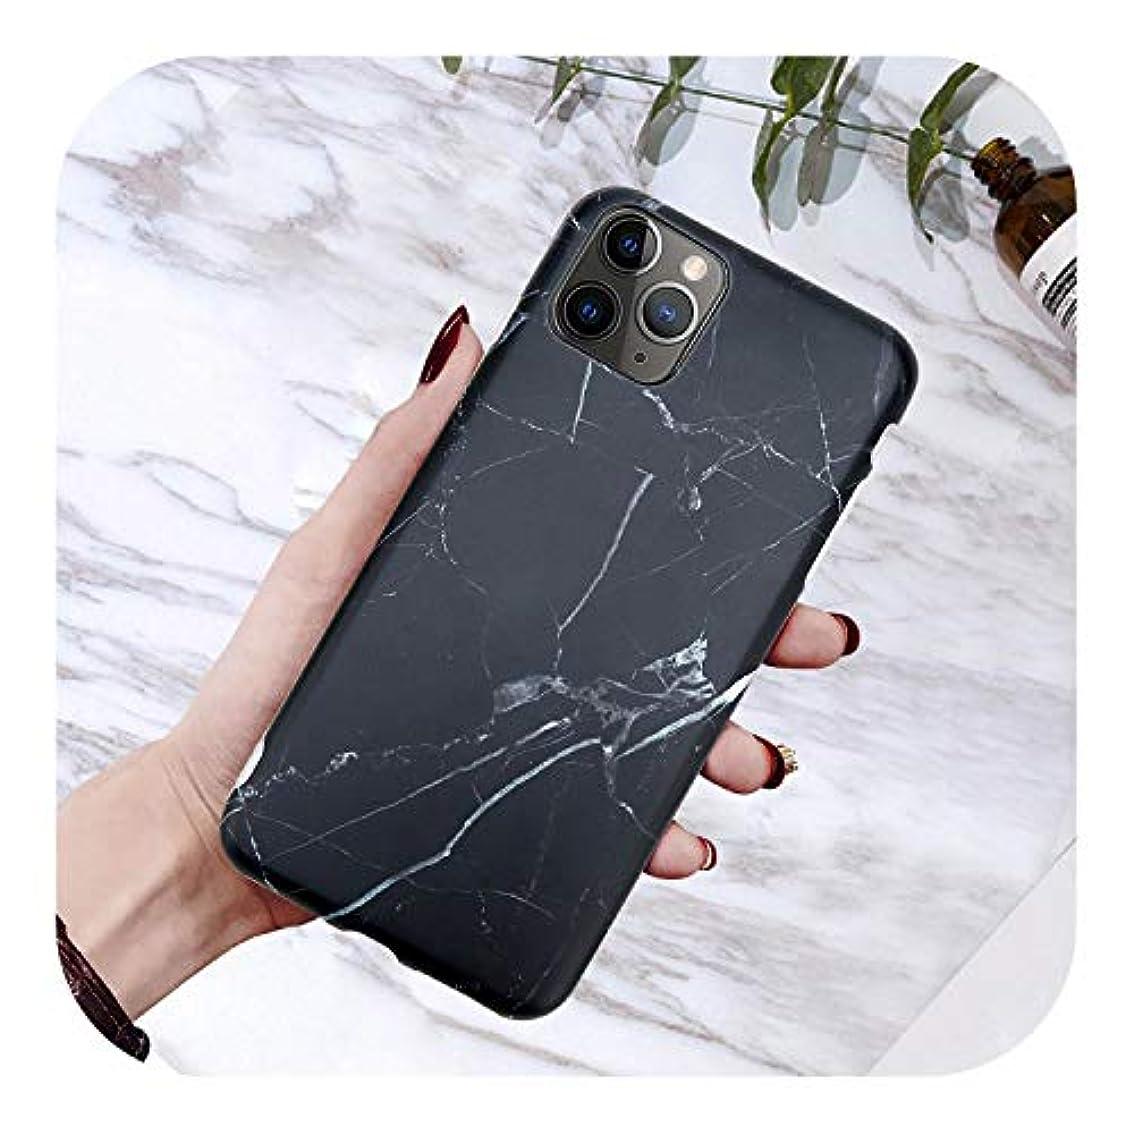 懐疑的かんたん牧師スマホケースiPhone 6 6 s 7 8プラスのための電話ケースiPhone 11 Pro X XS Max XRシェル用の豪華な光沢の花崗岩の石大理石のテクスチャカバー-7114-For iPhone 11